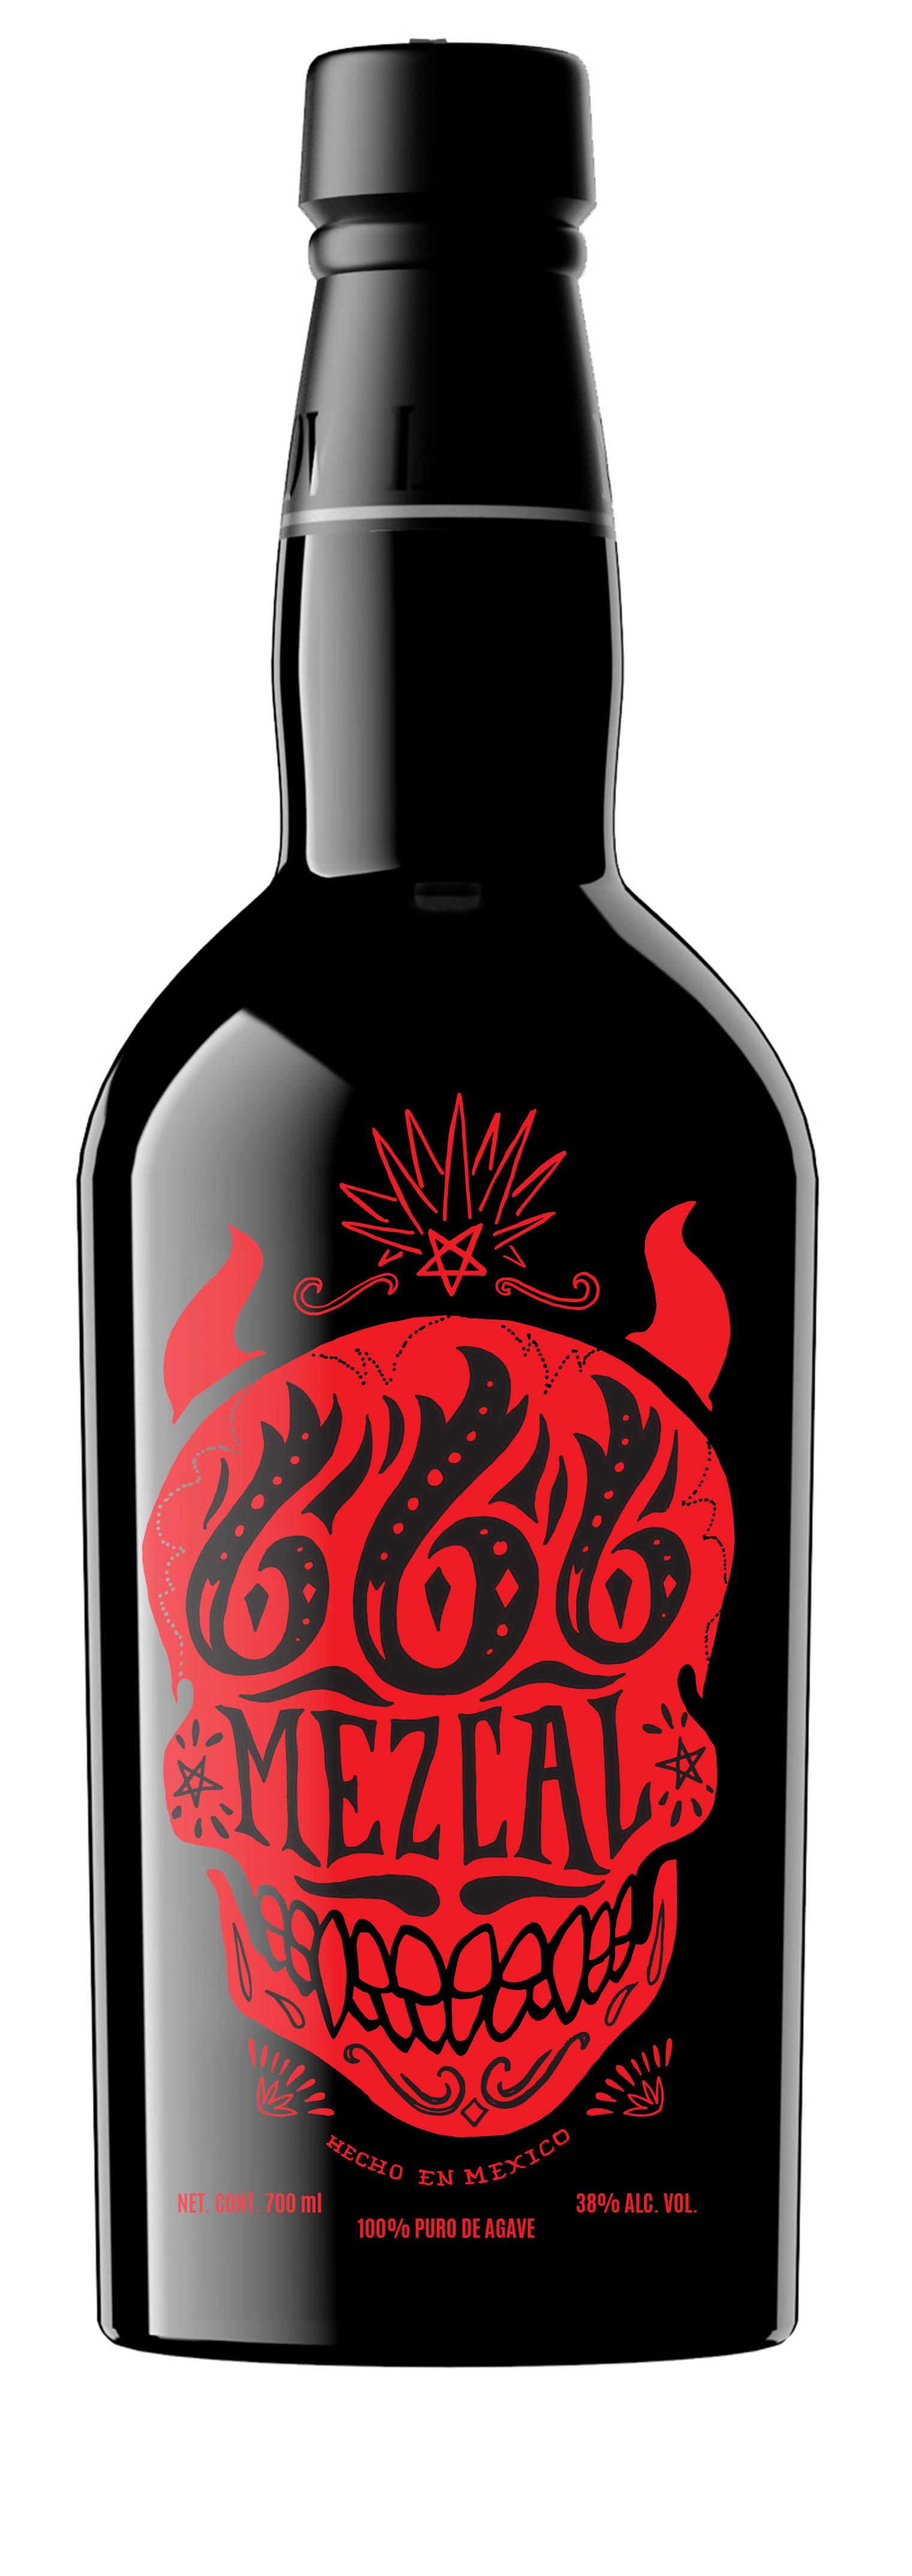 Mezcal 666 Black Bottles2 opt2_0001_all red.jpg